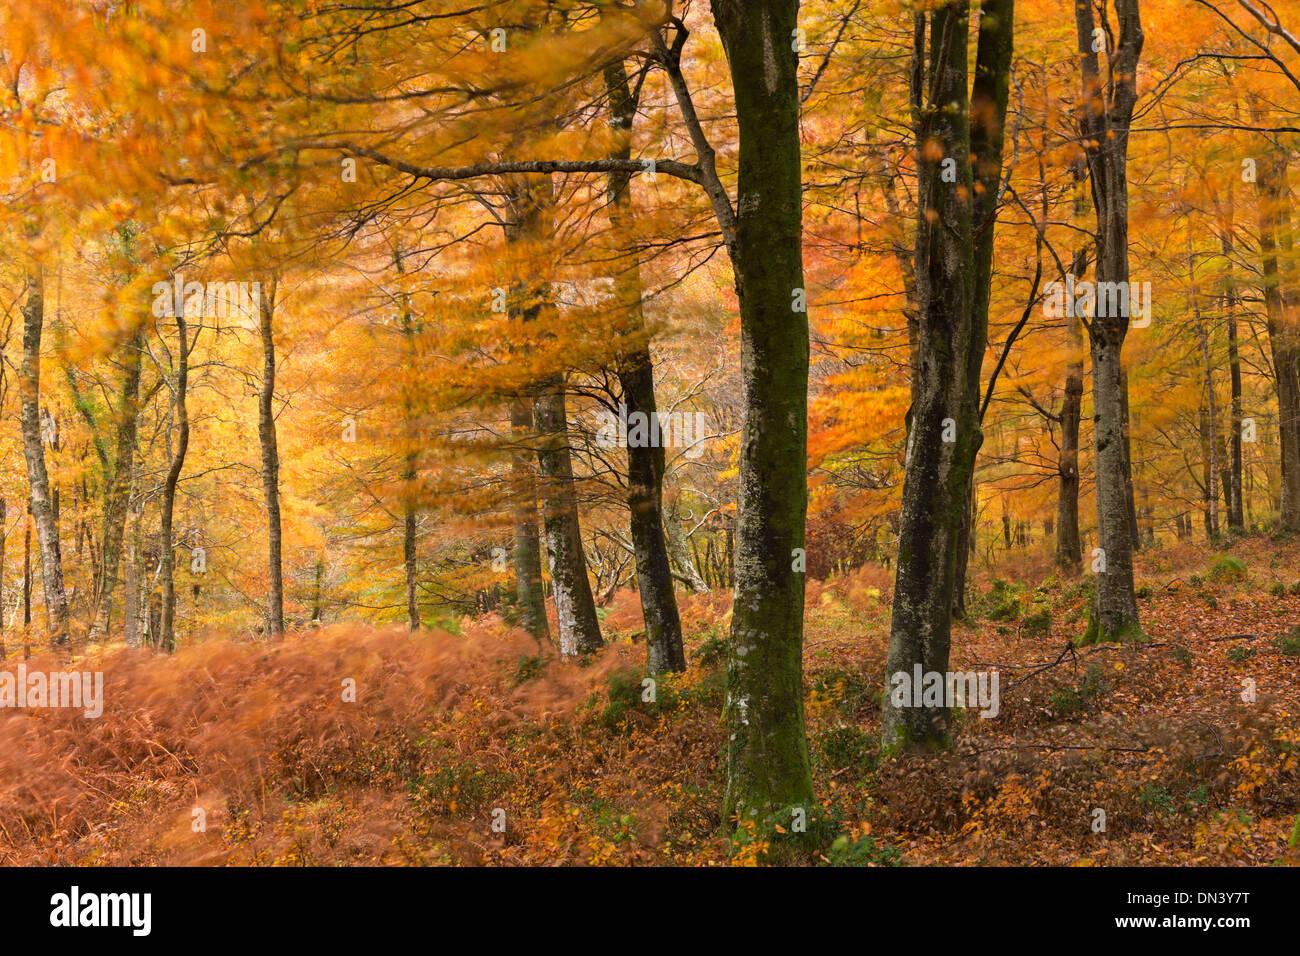 Colores de otoño en bosques caducifolios, Exmoor National Park, Devon, Inglaterra. Otoño (Noviembre) de 2013. Imagen De Stock